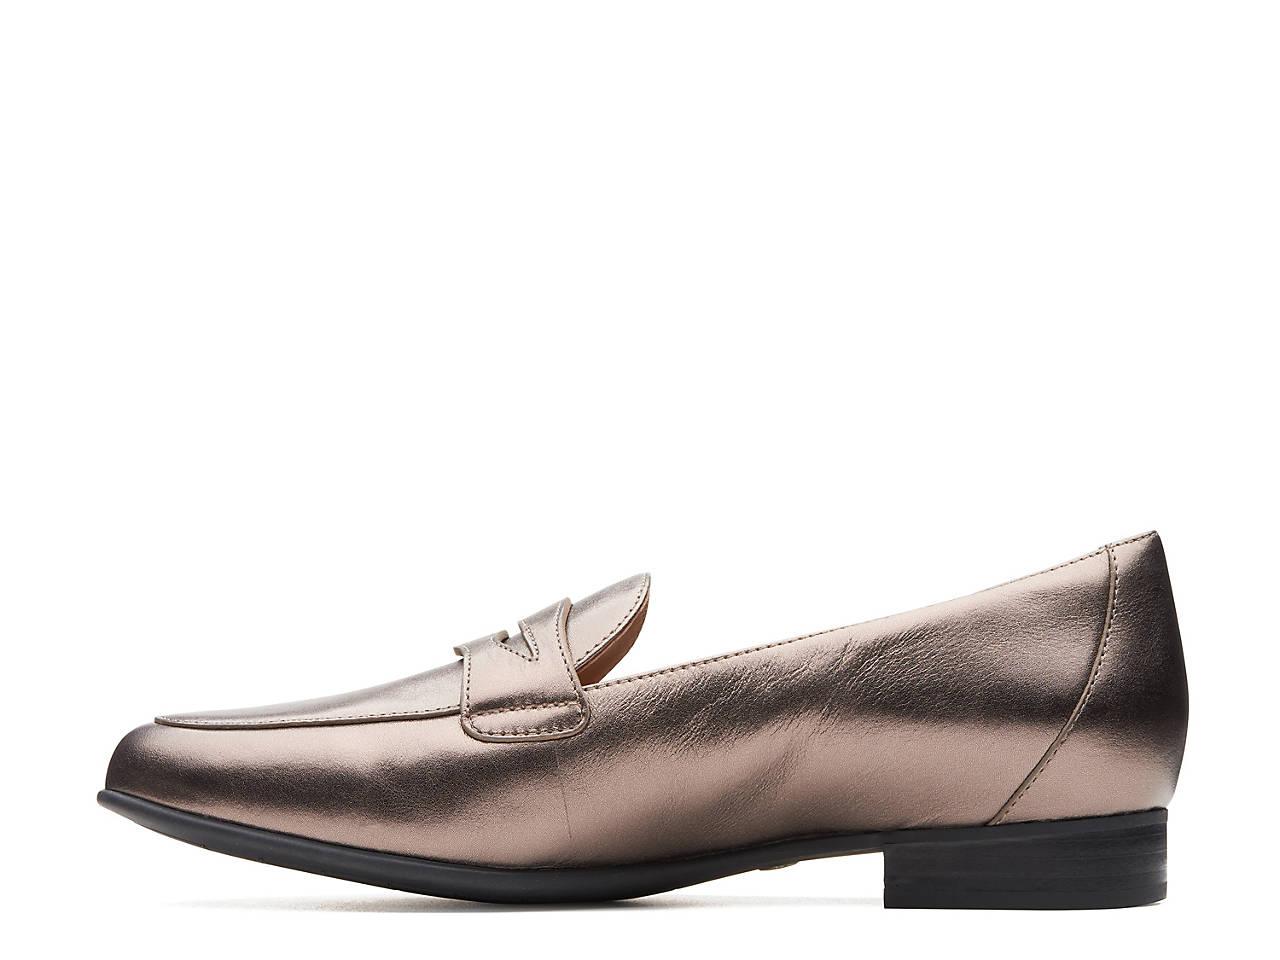 370519aae37 Clarks Un Blush Go Penny Loafer Men s Shoes